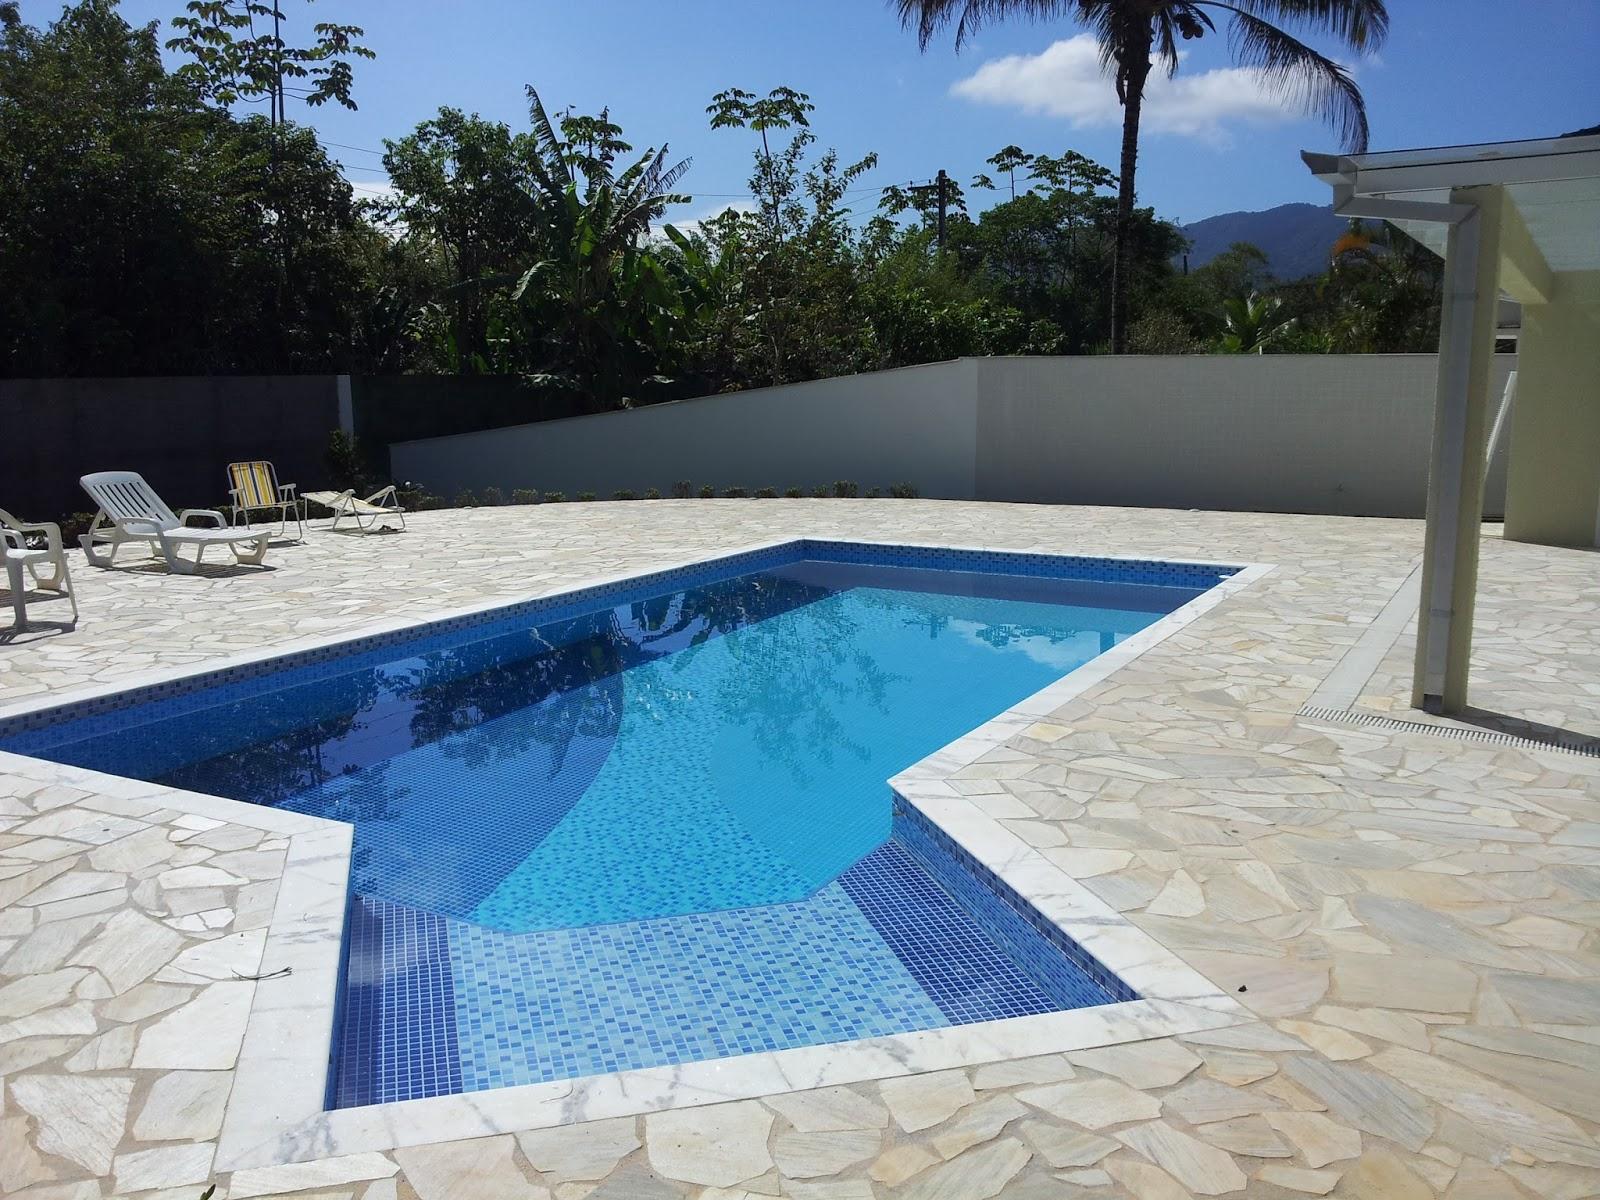 Impacto arquitetura e design modelos de piscinas impacto for Modelos de piscinas infinitas